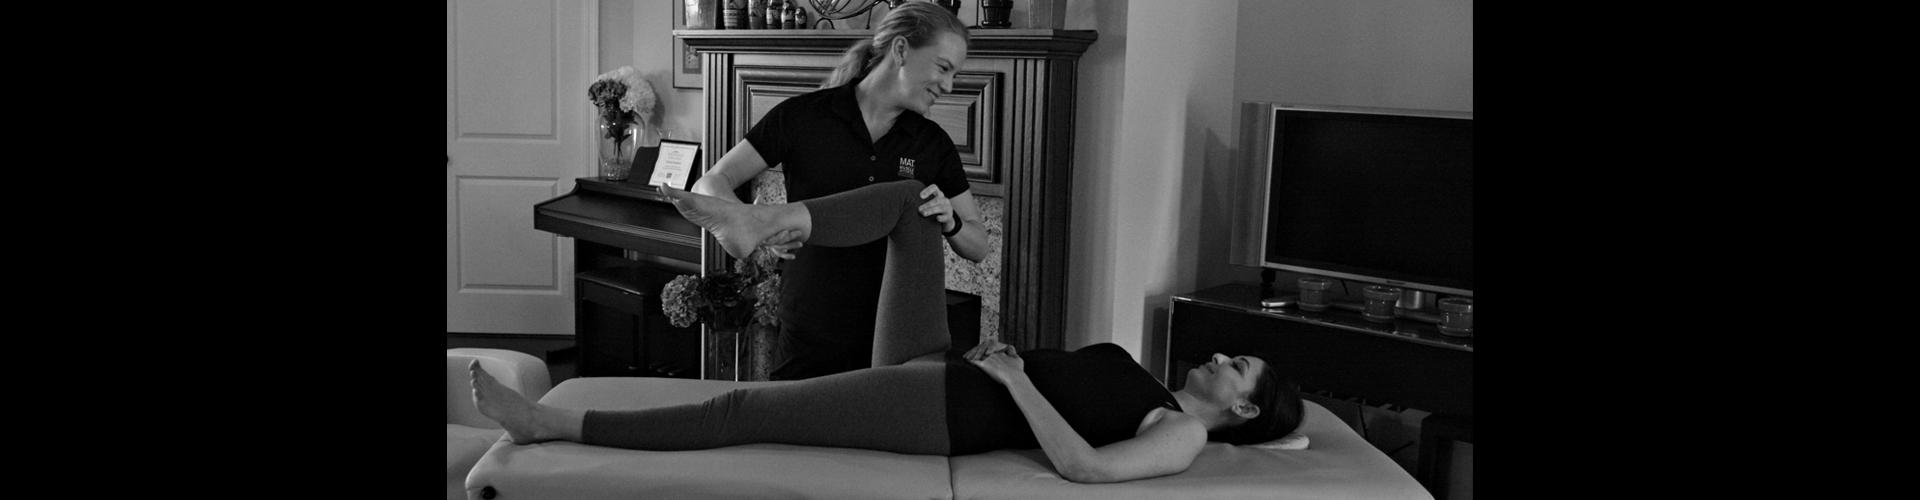 image: Muscle Activation Techniques